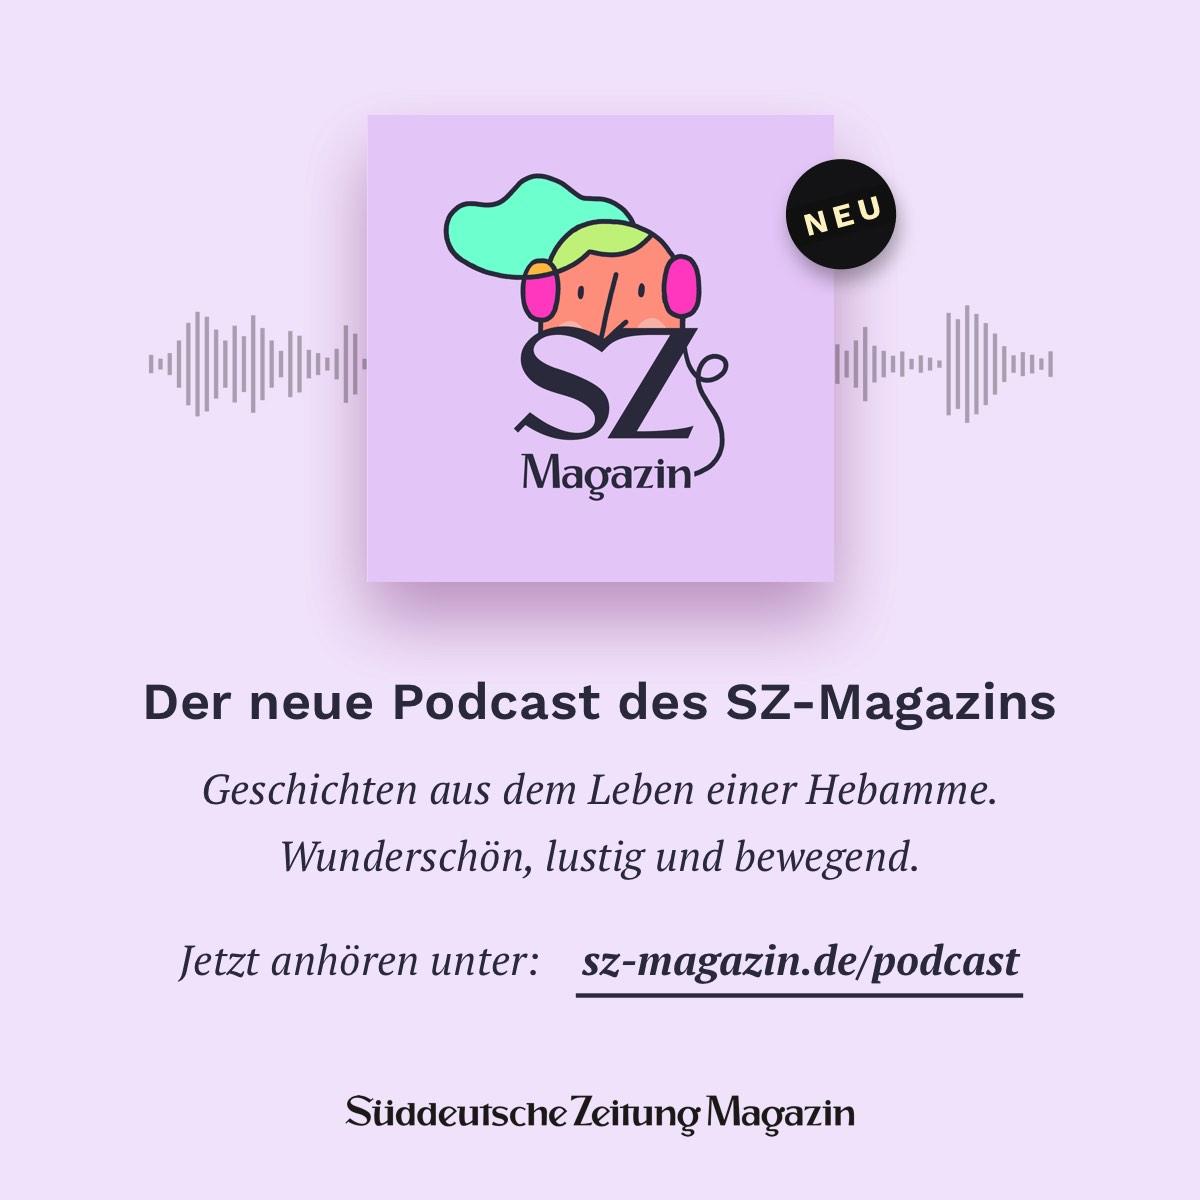 Wie eine scheinbar harmlose Geburt zum nie dagewesenen Notfall wird, erzählt Hebamme Maja Böhler in der neuen Folge unseres Podcasts. Jetzt anhören unter http://www.sz-magazin.de/podcast oder bei iTunes, Spotify, Deezer und Pocket-Cast.pic.twitter.com/yoTnnmoQeR